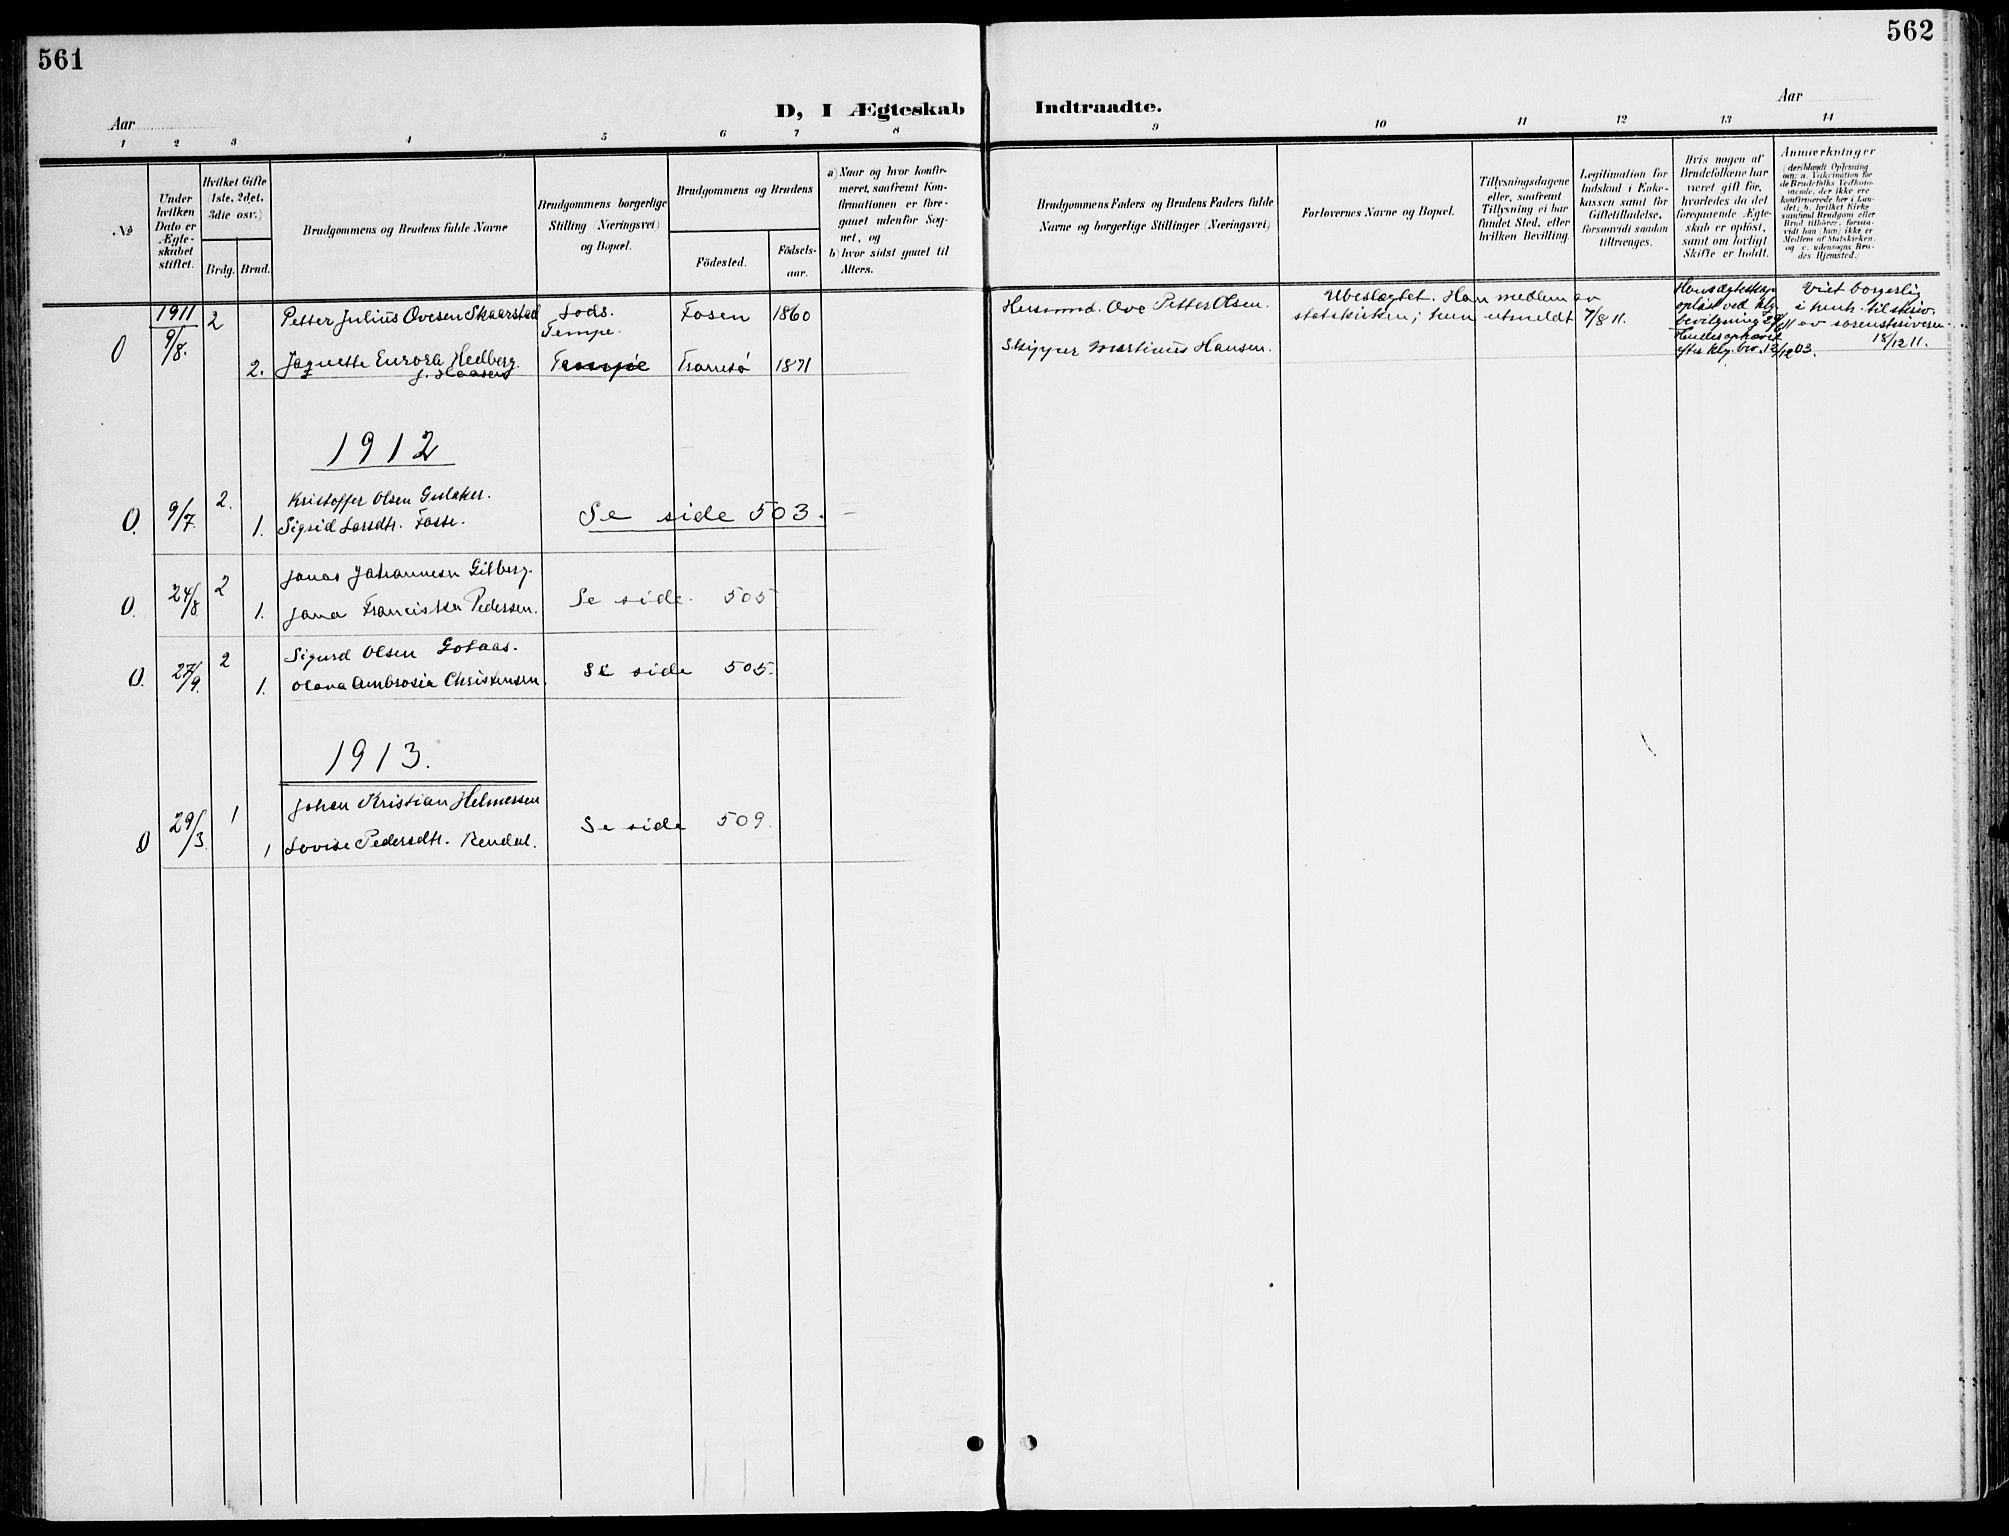 SAT, Ministerialprotokoller, klokkerbøker og fødselsregistre - Sør-Trøndelag, 607/L0320: Ministerialbok nr. 607A04, 1907-1915, s. 561-562